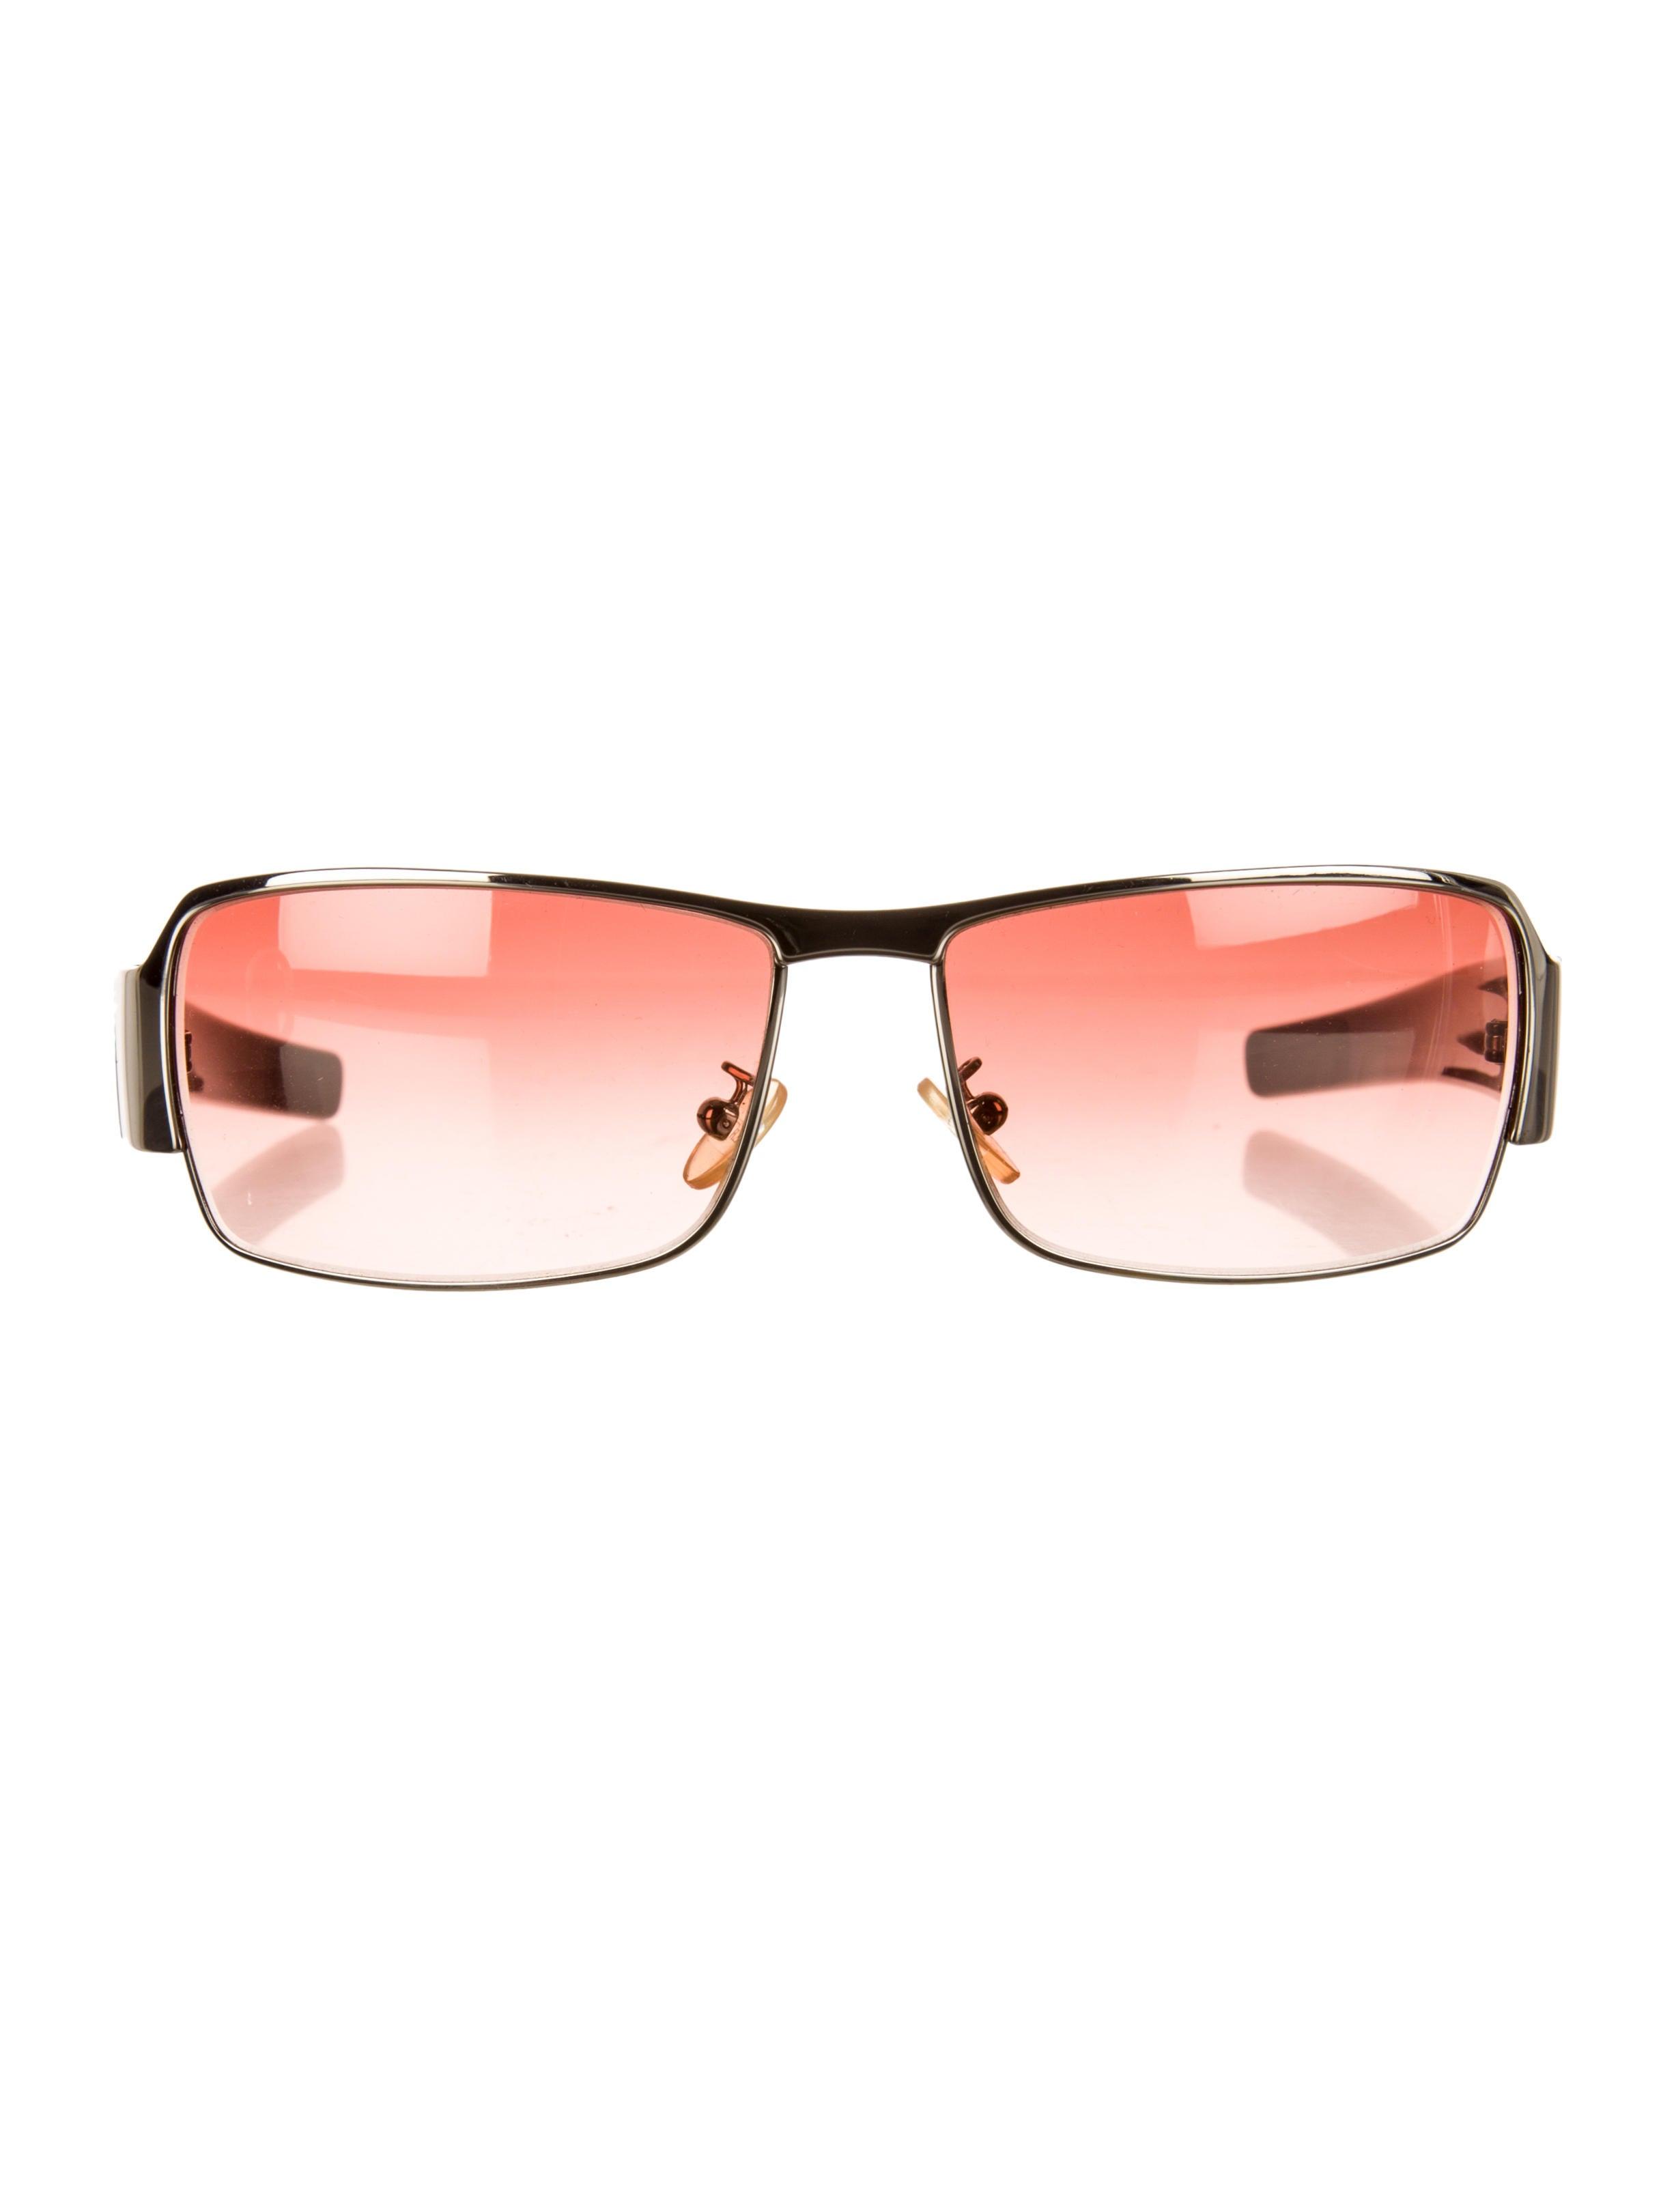 eaf481a75ba Gianfranco Ferre Mens Black Aviator Sunglasses